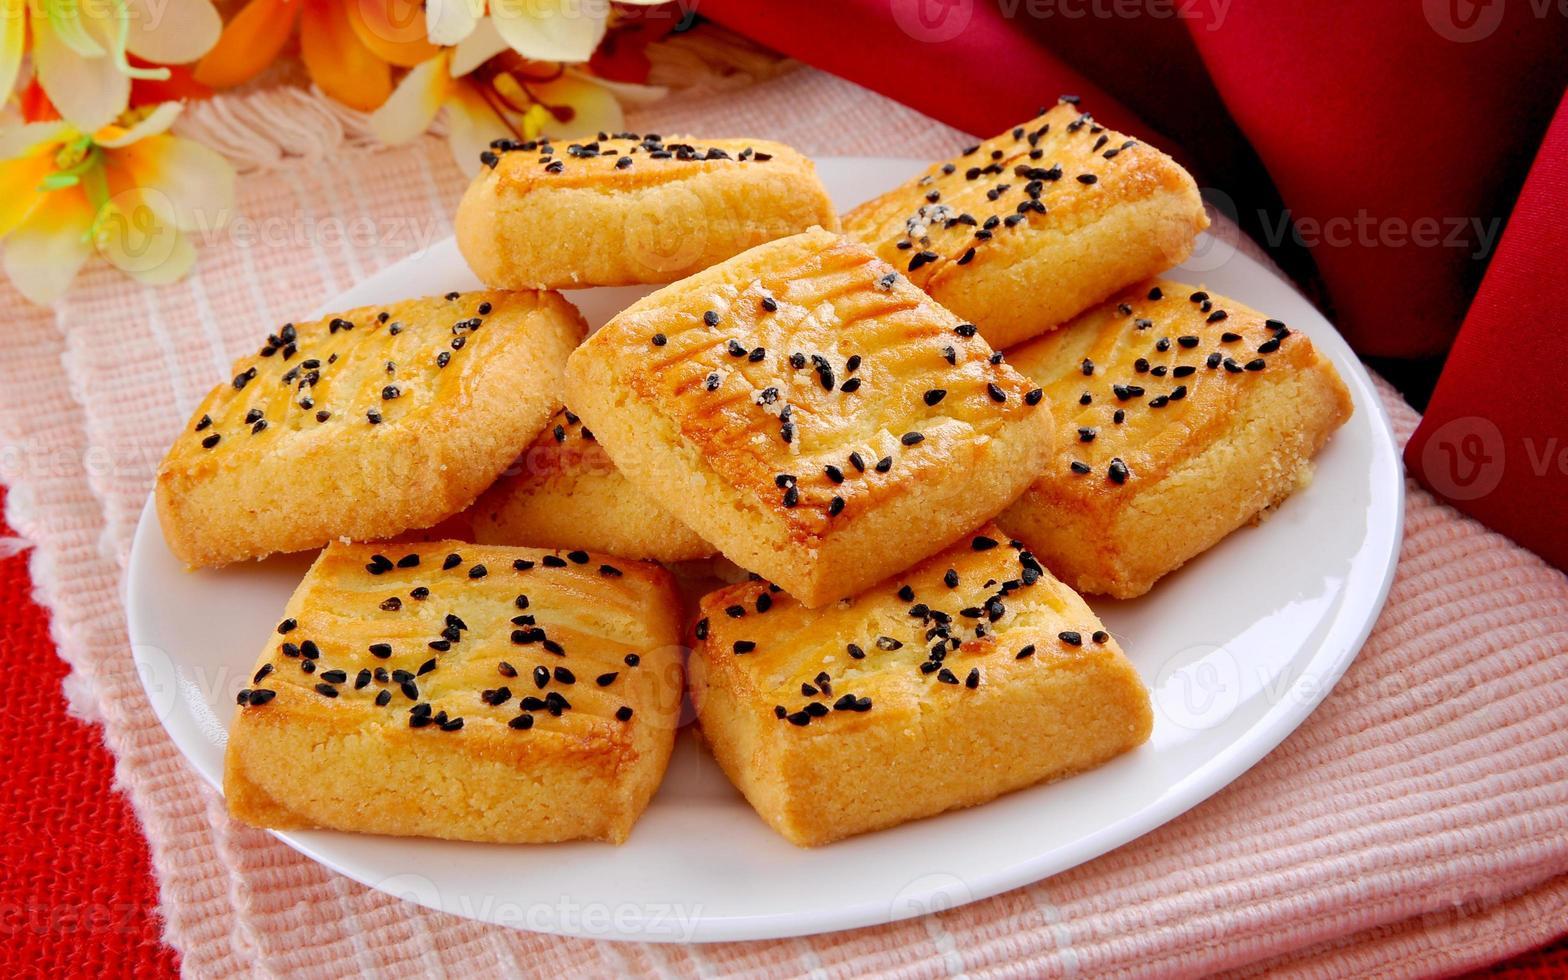 biscoitos nigella foto